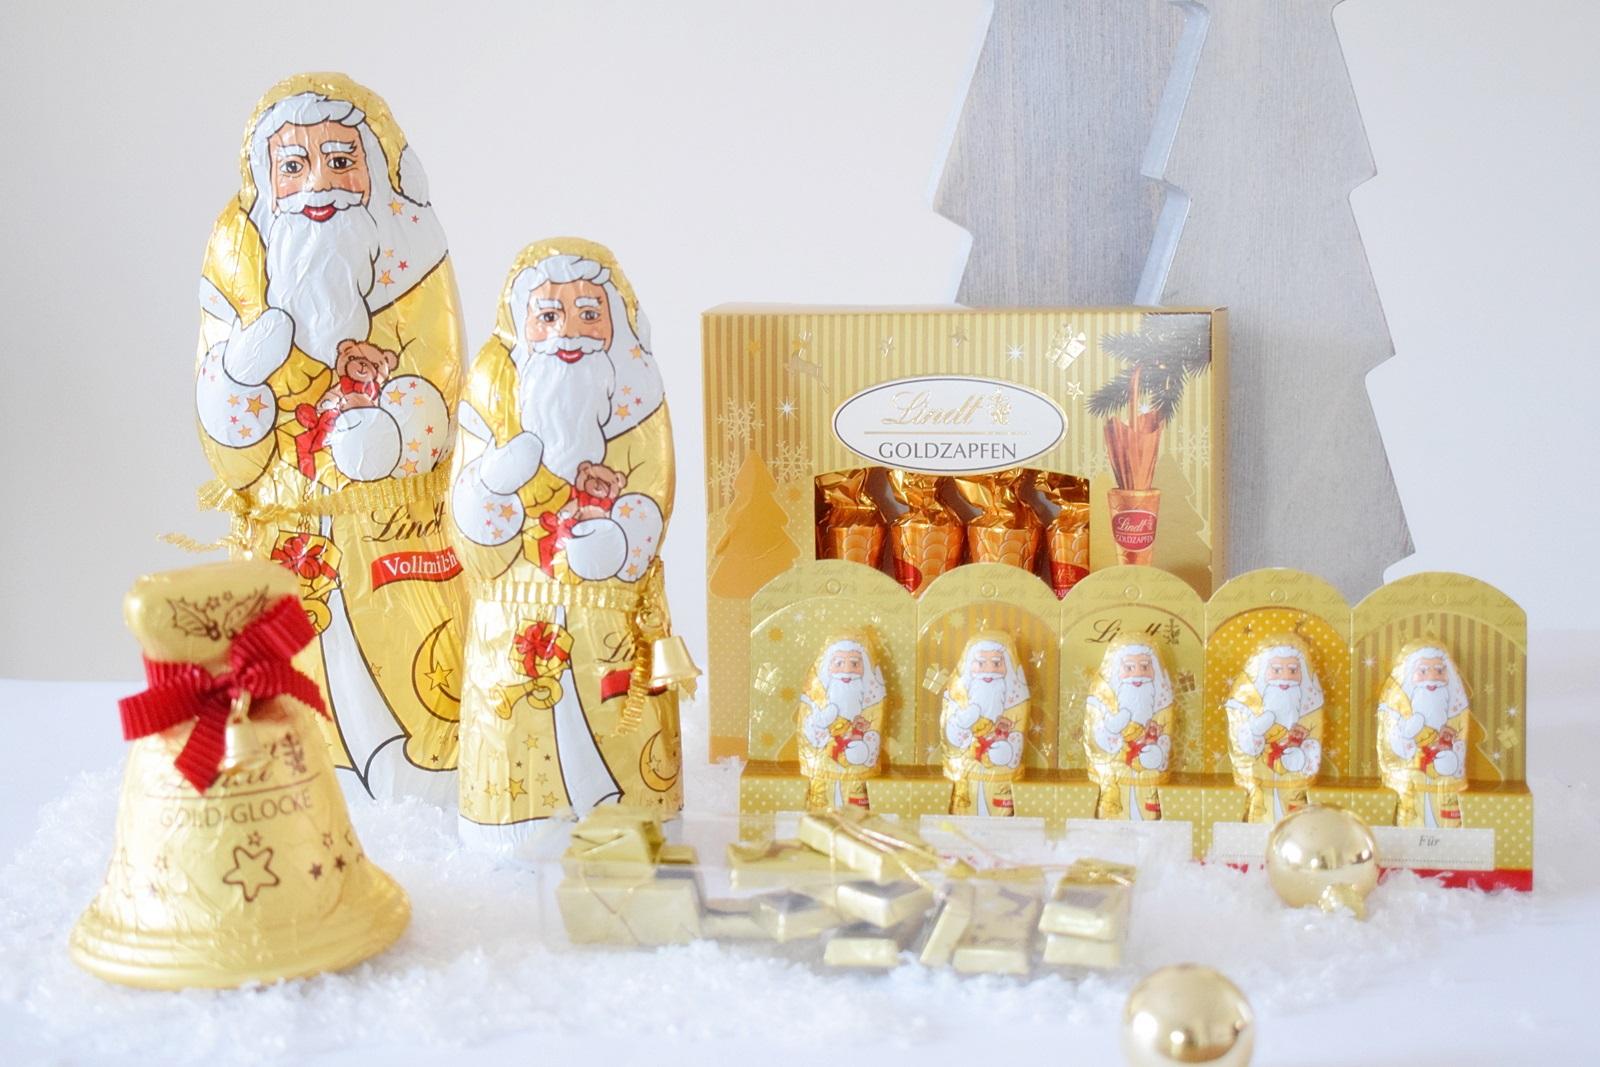 lindt-weihnachtssortiment